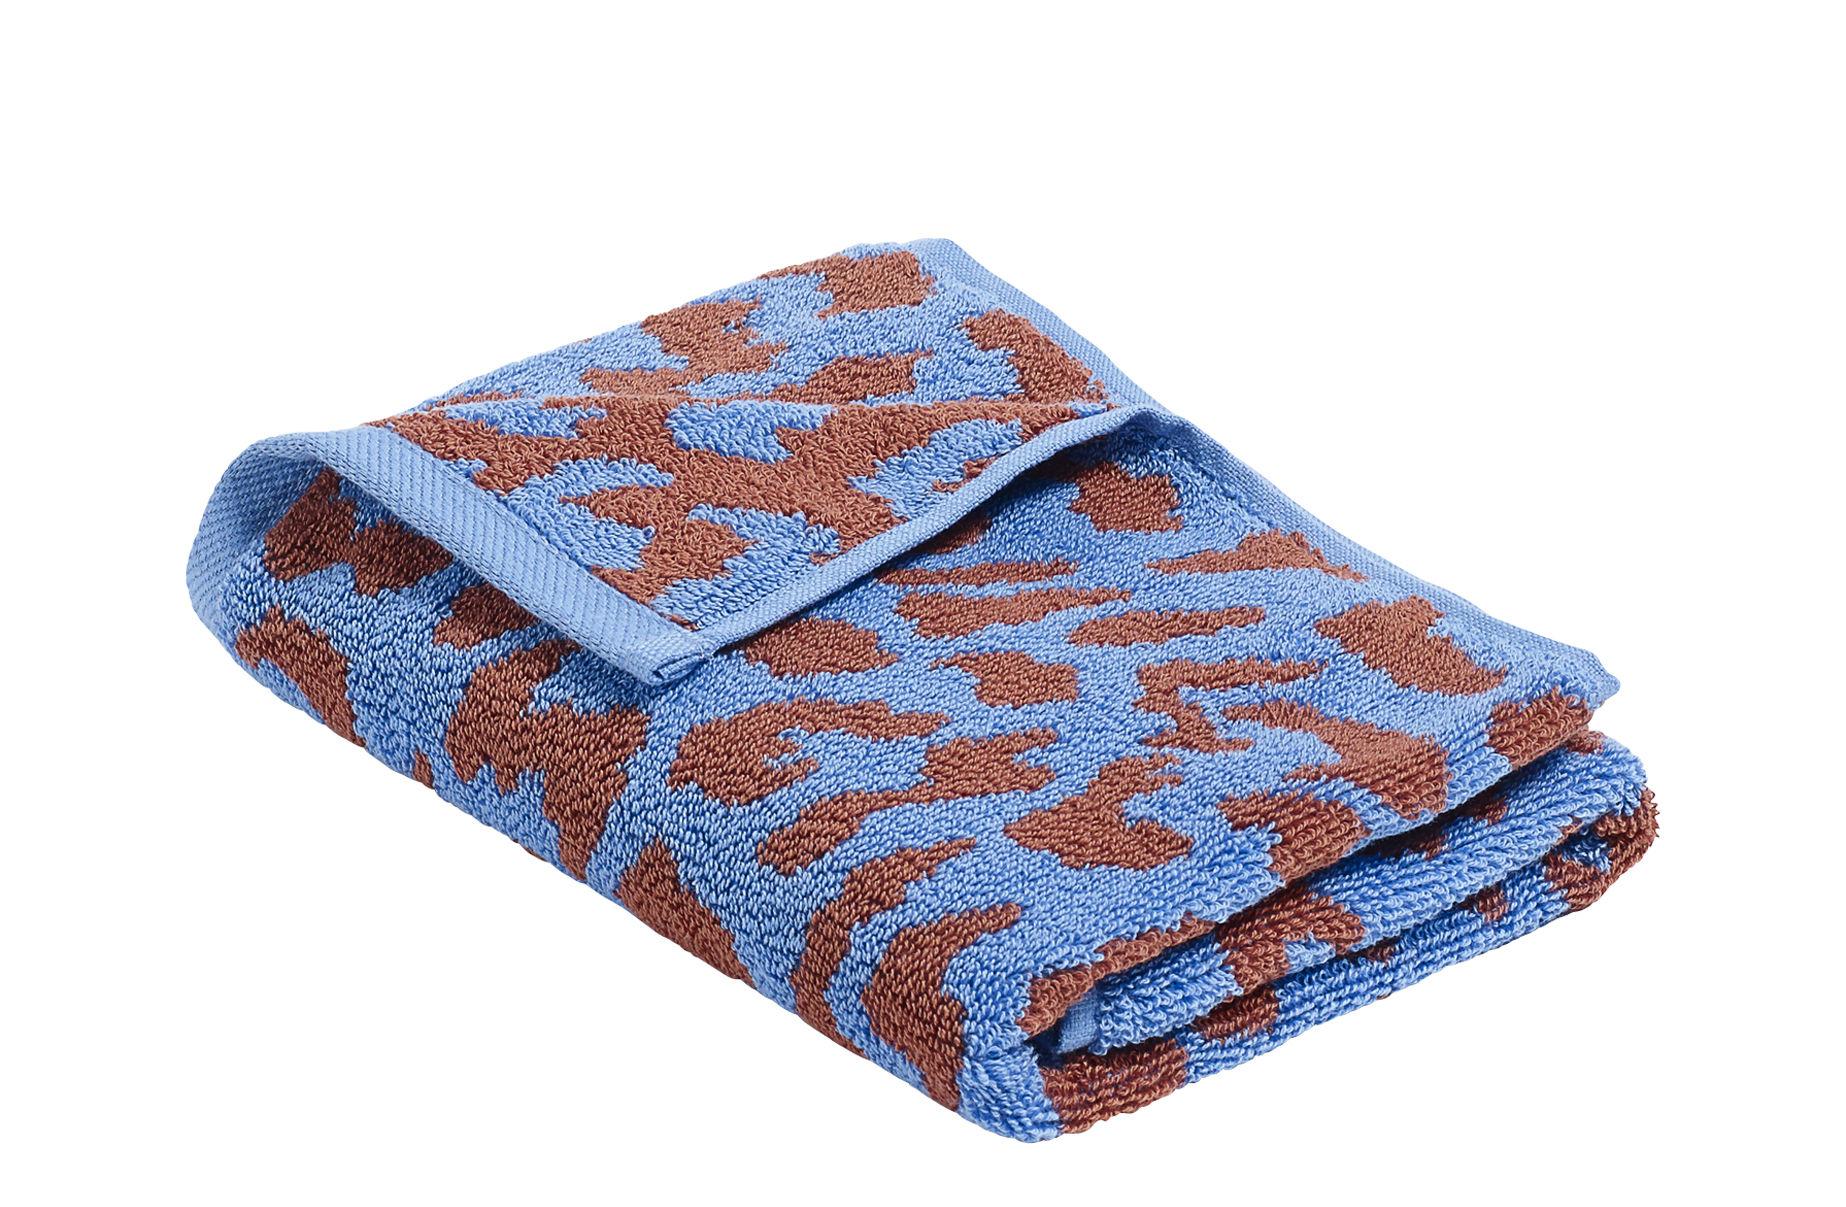 Accessoires - Accessoires salle de bains - Serviette de toilette He She It / by Nathalie du pasquier - 70 x 50 cm - Hay - It / Bleu ciel & rouge - Coton